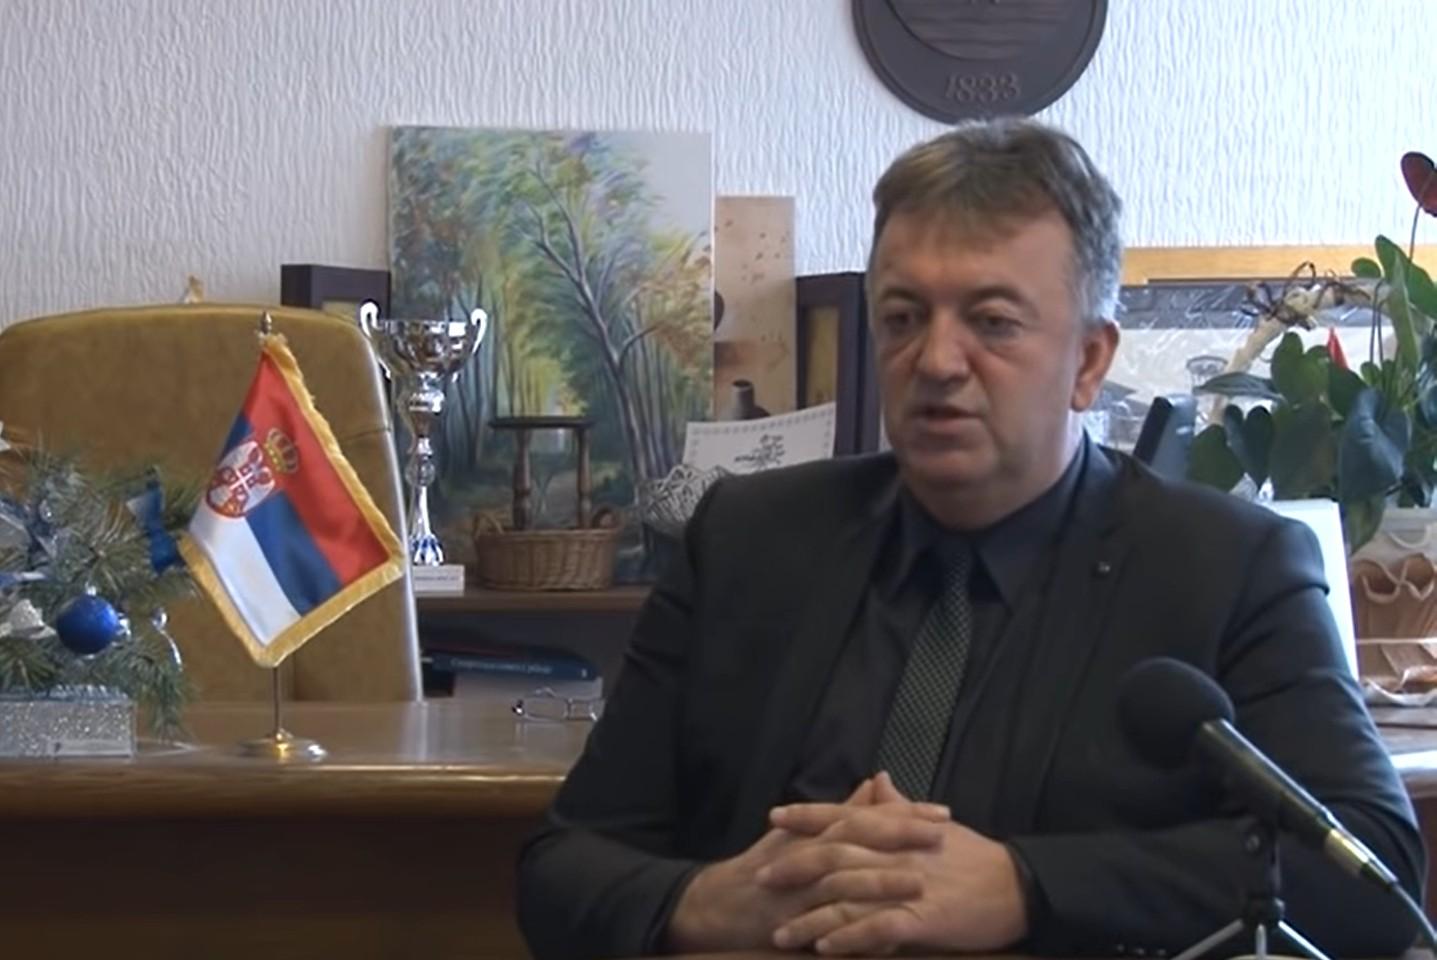 Milutin Jeličić Jutka (Foto: Snimak ekrana/Jutjub)